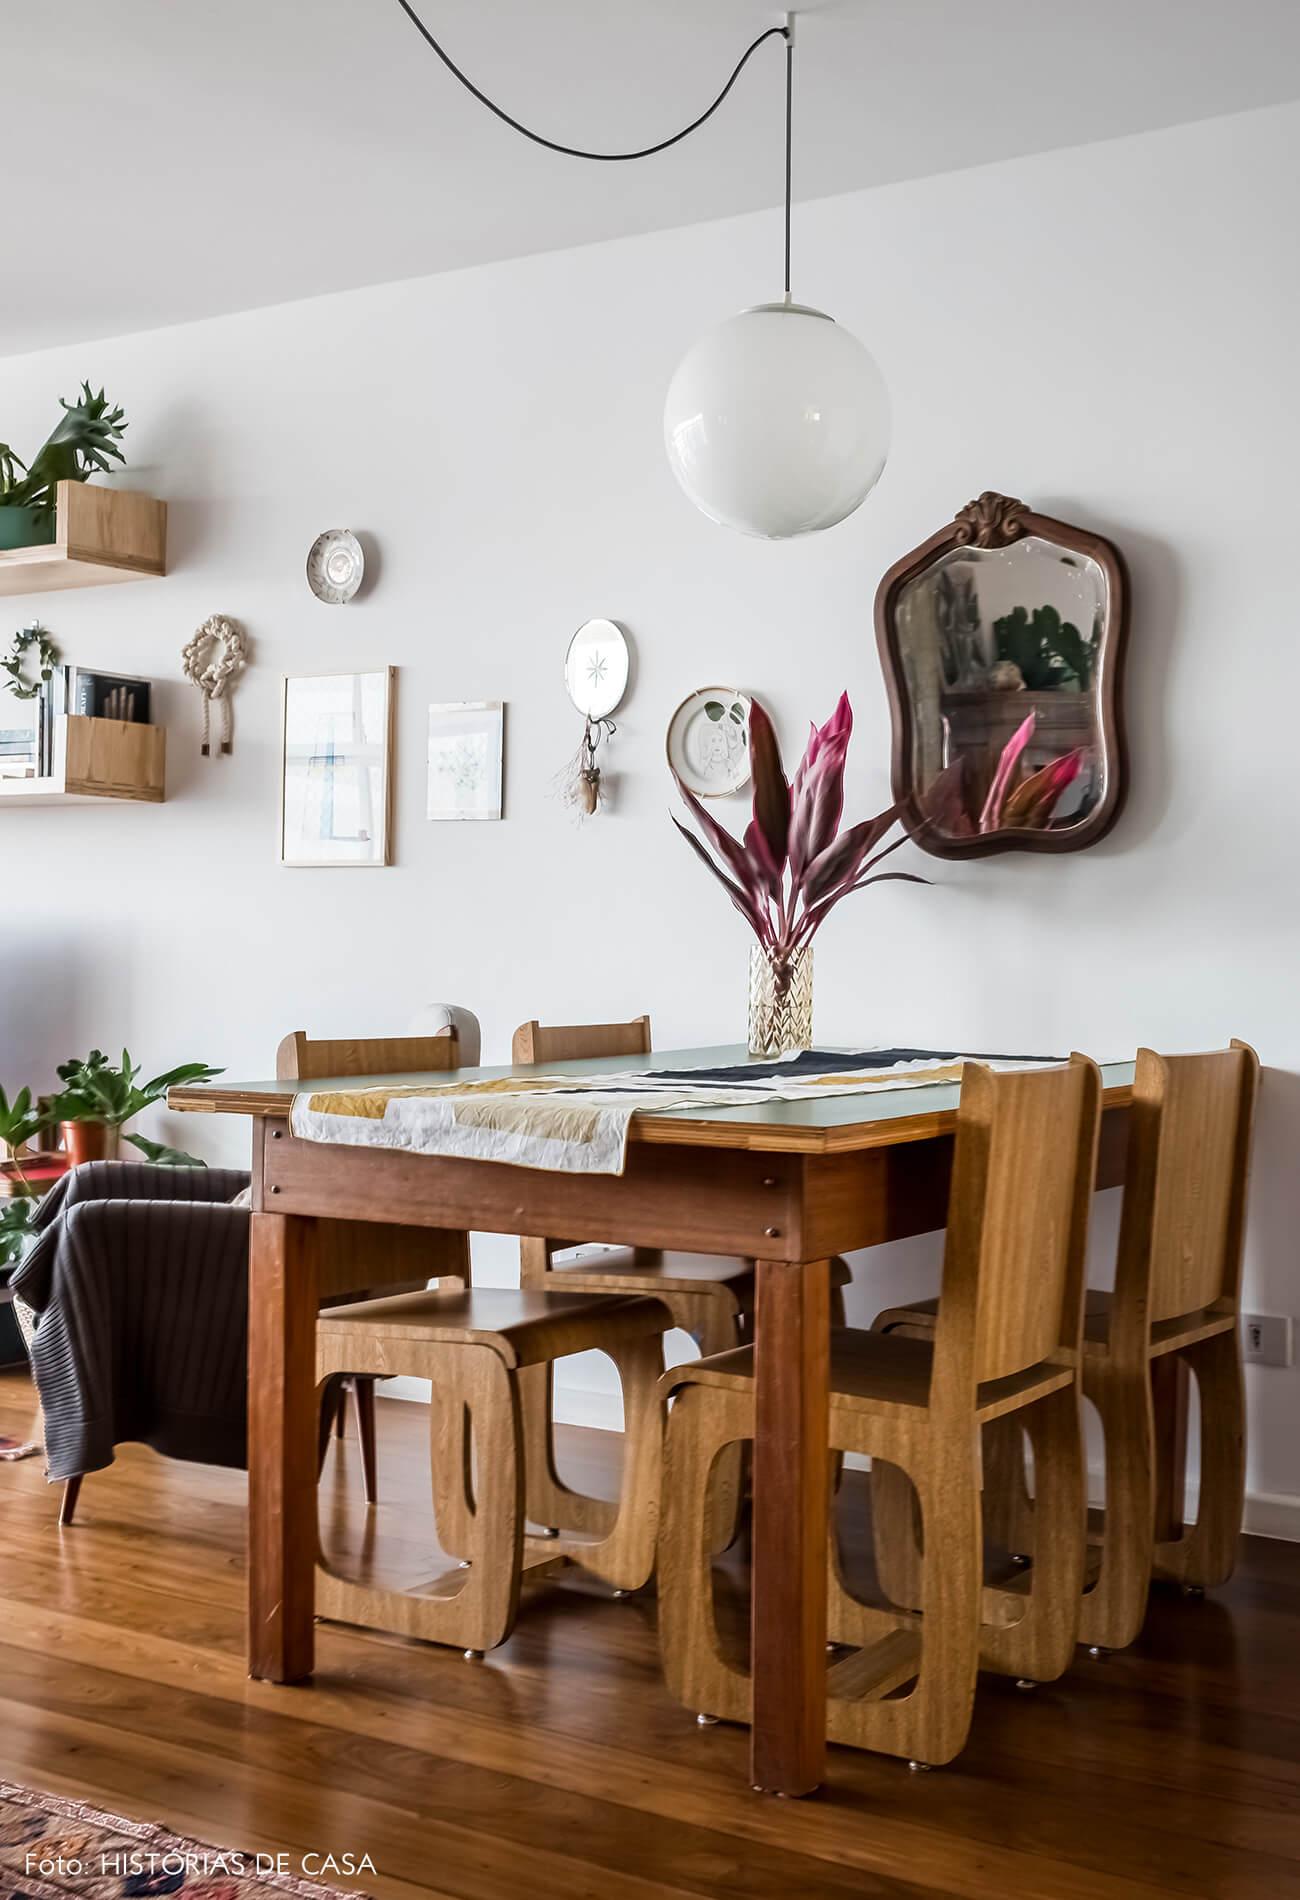 Sala de jantar com espelho vintage e luminária de globo branco